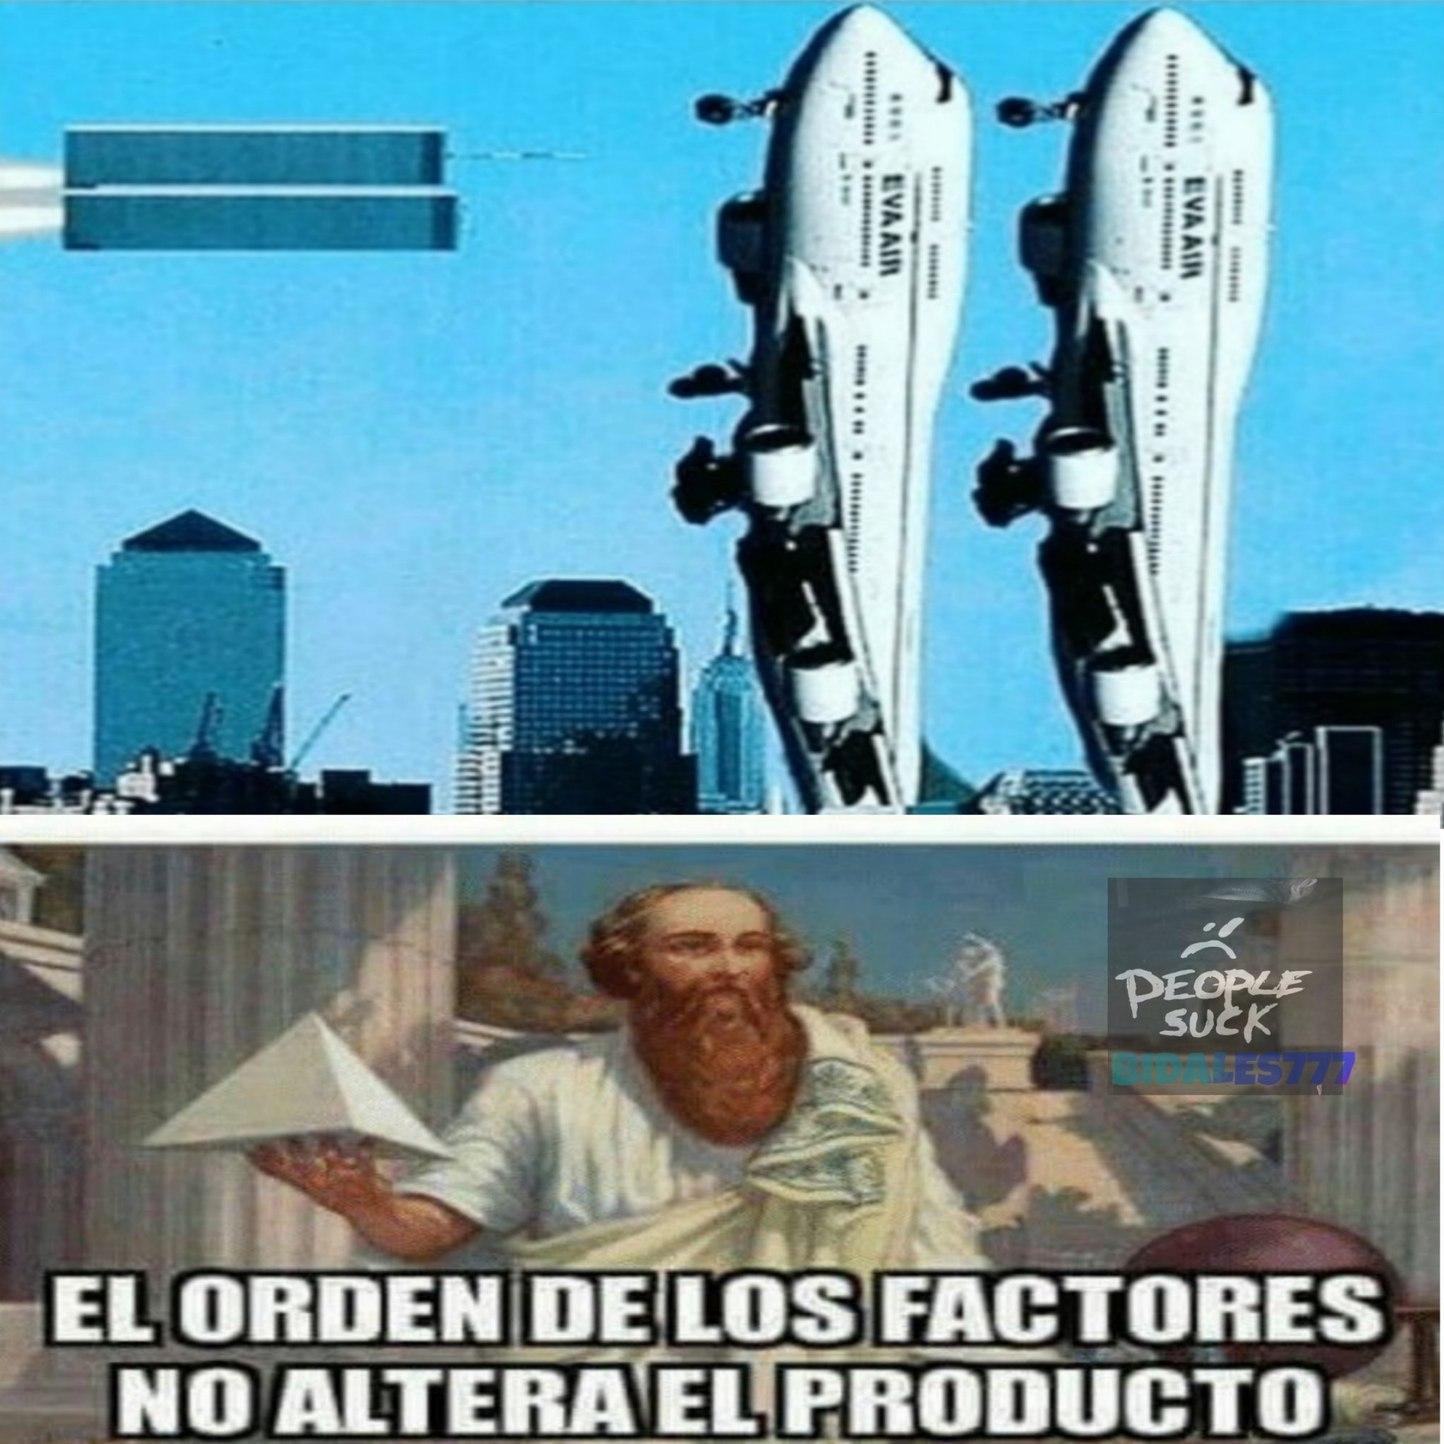 La venganza de las torres gemelas - meme